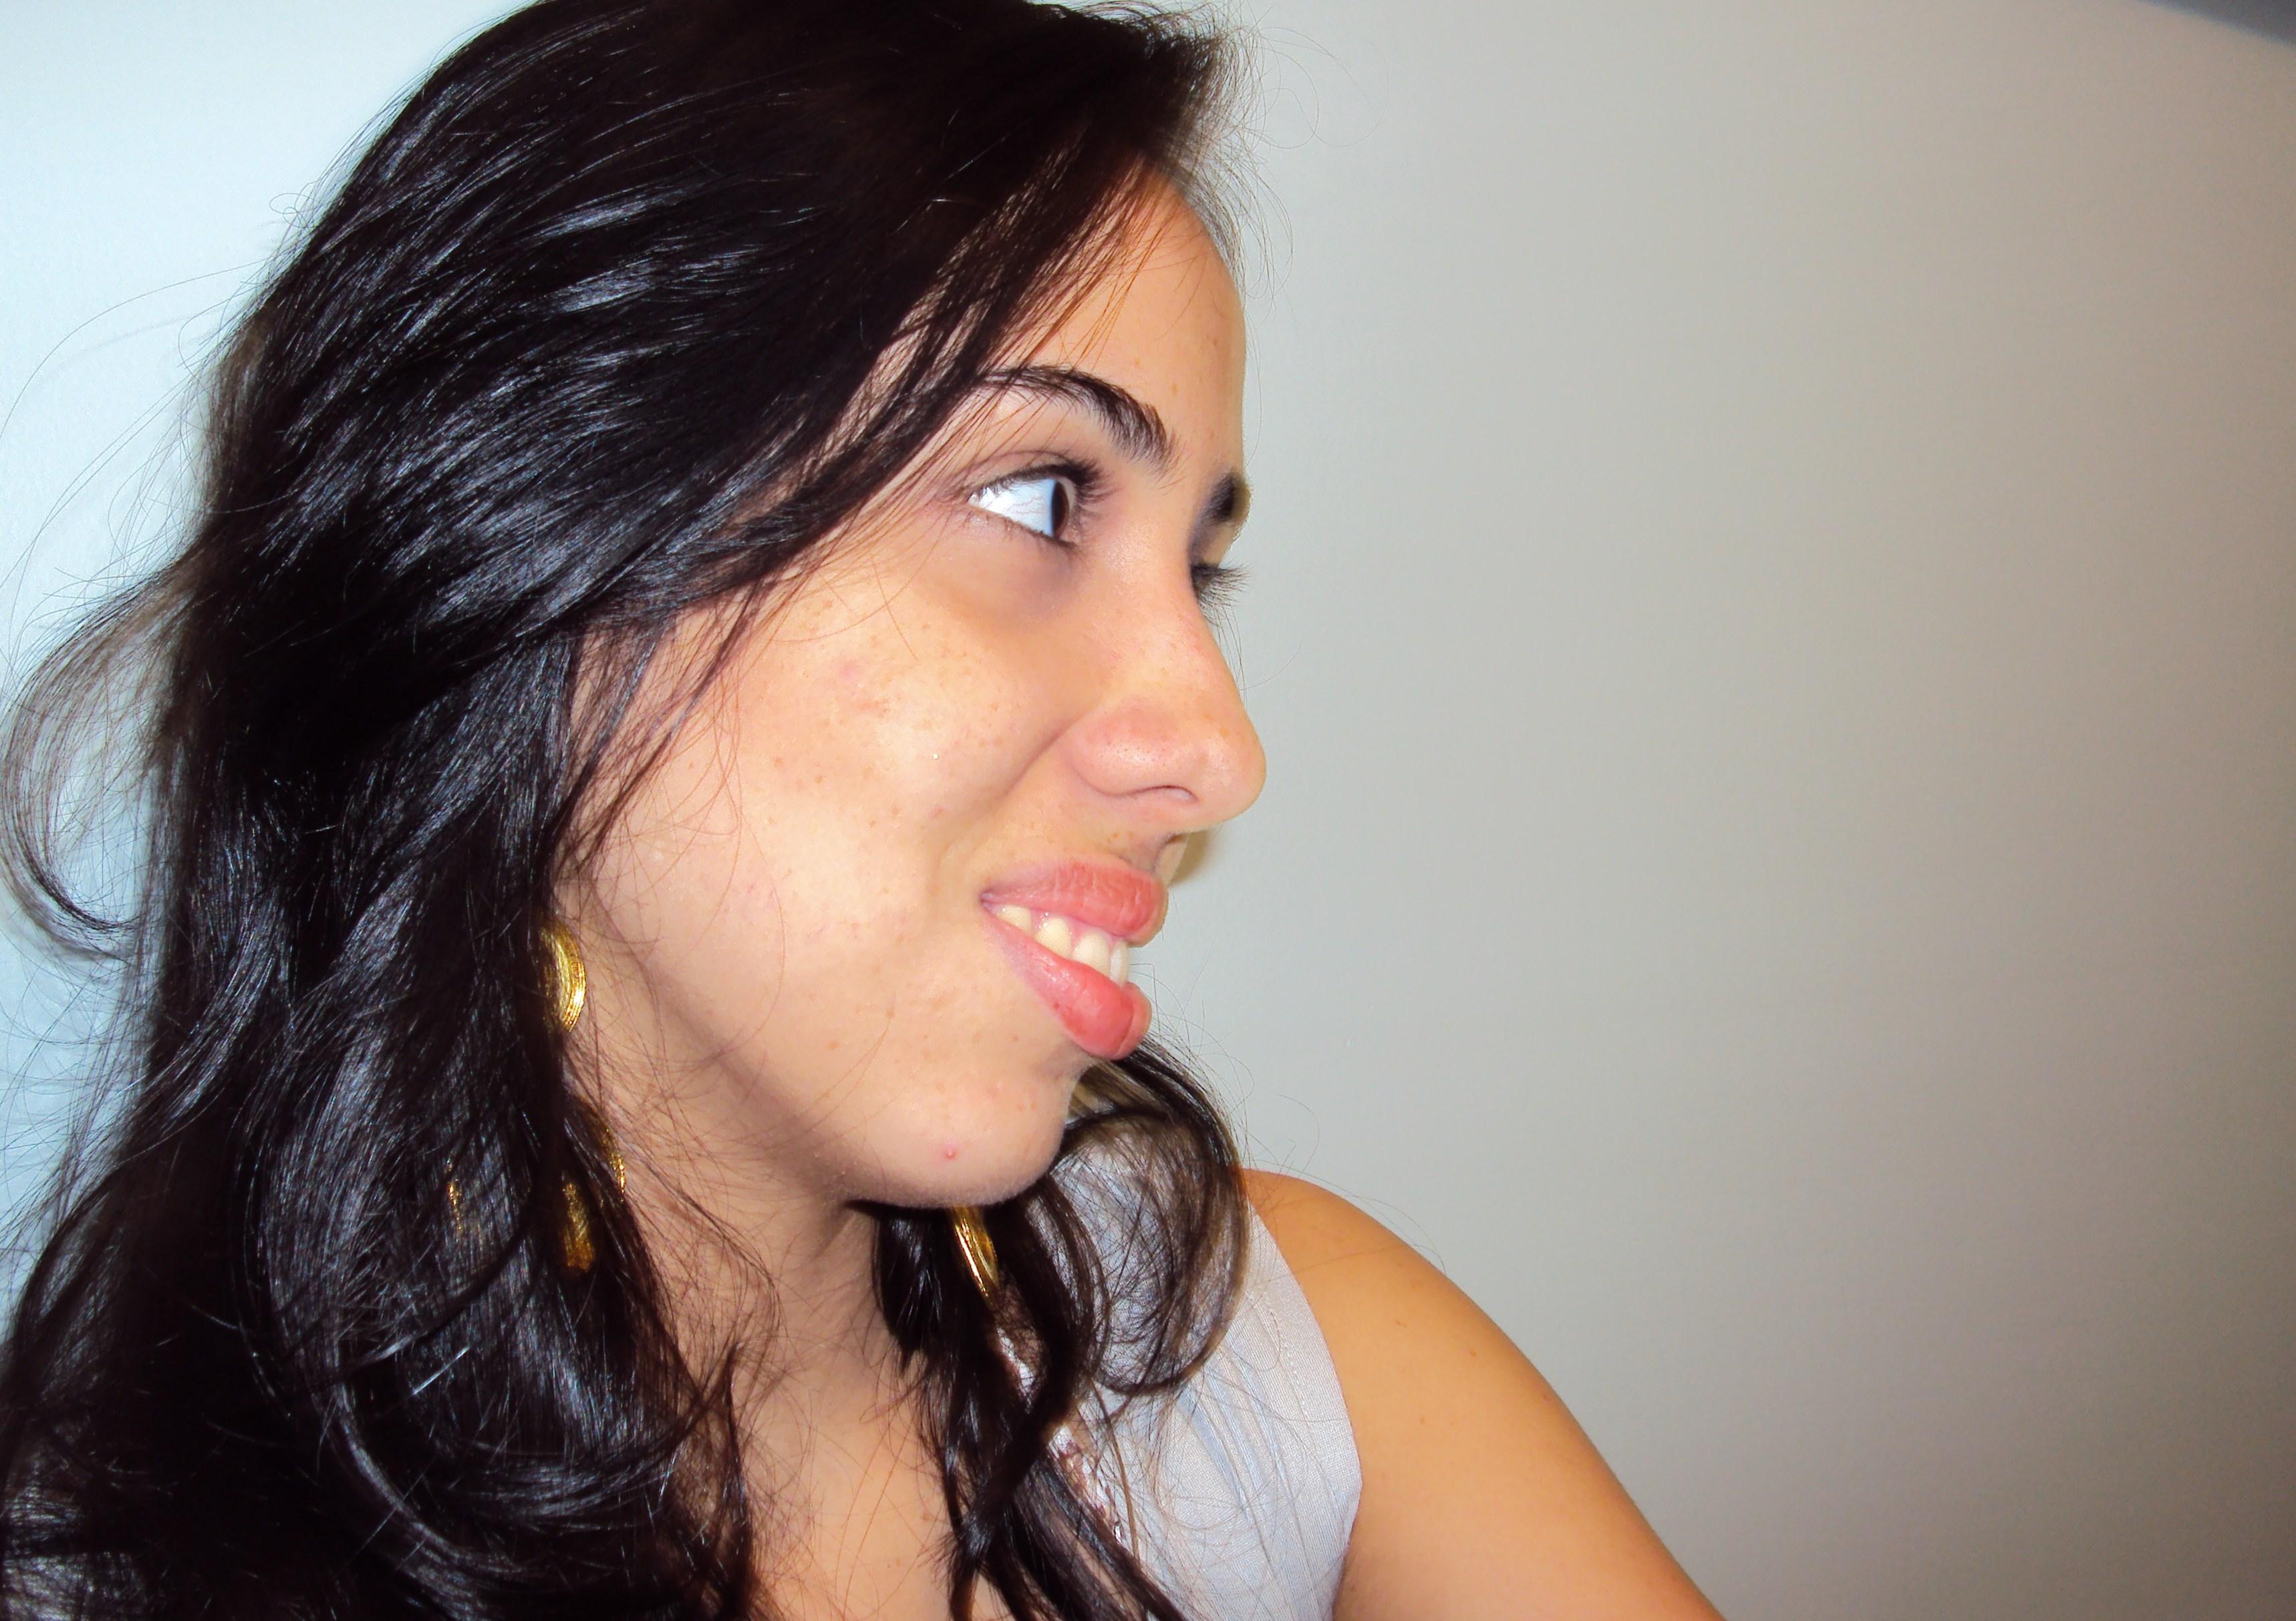 Nelly Lara de Brito